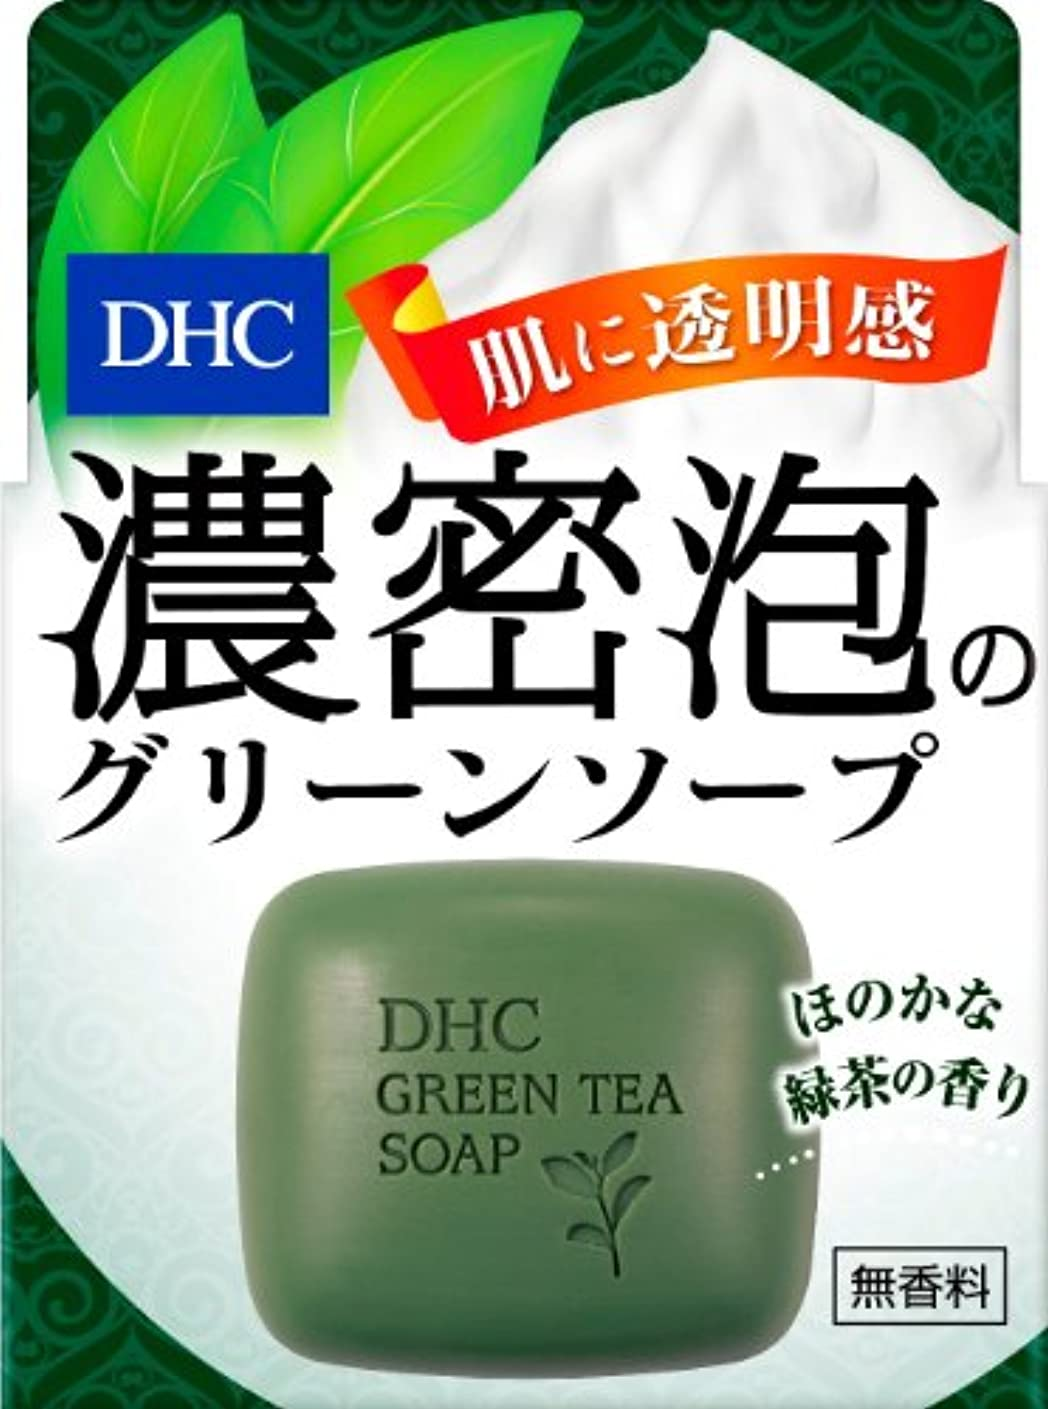 くちばしかすかな勘違いするDHC グリーンソープ (SS) 60g